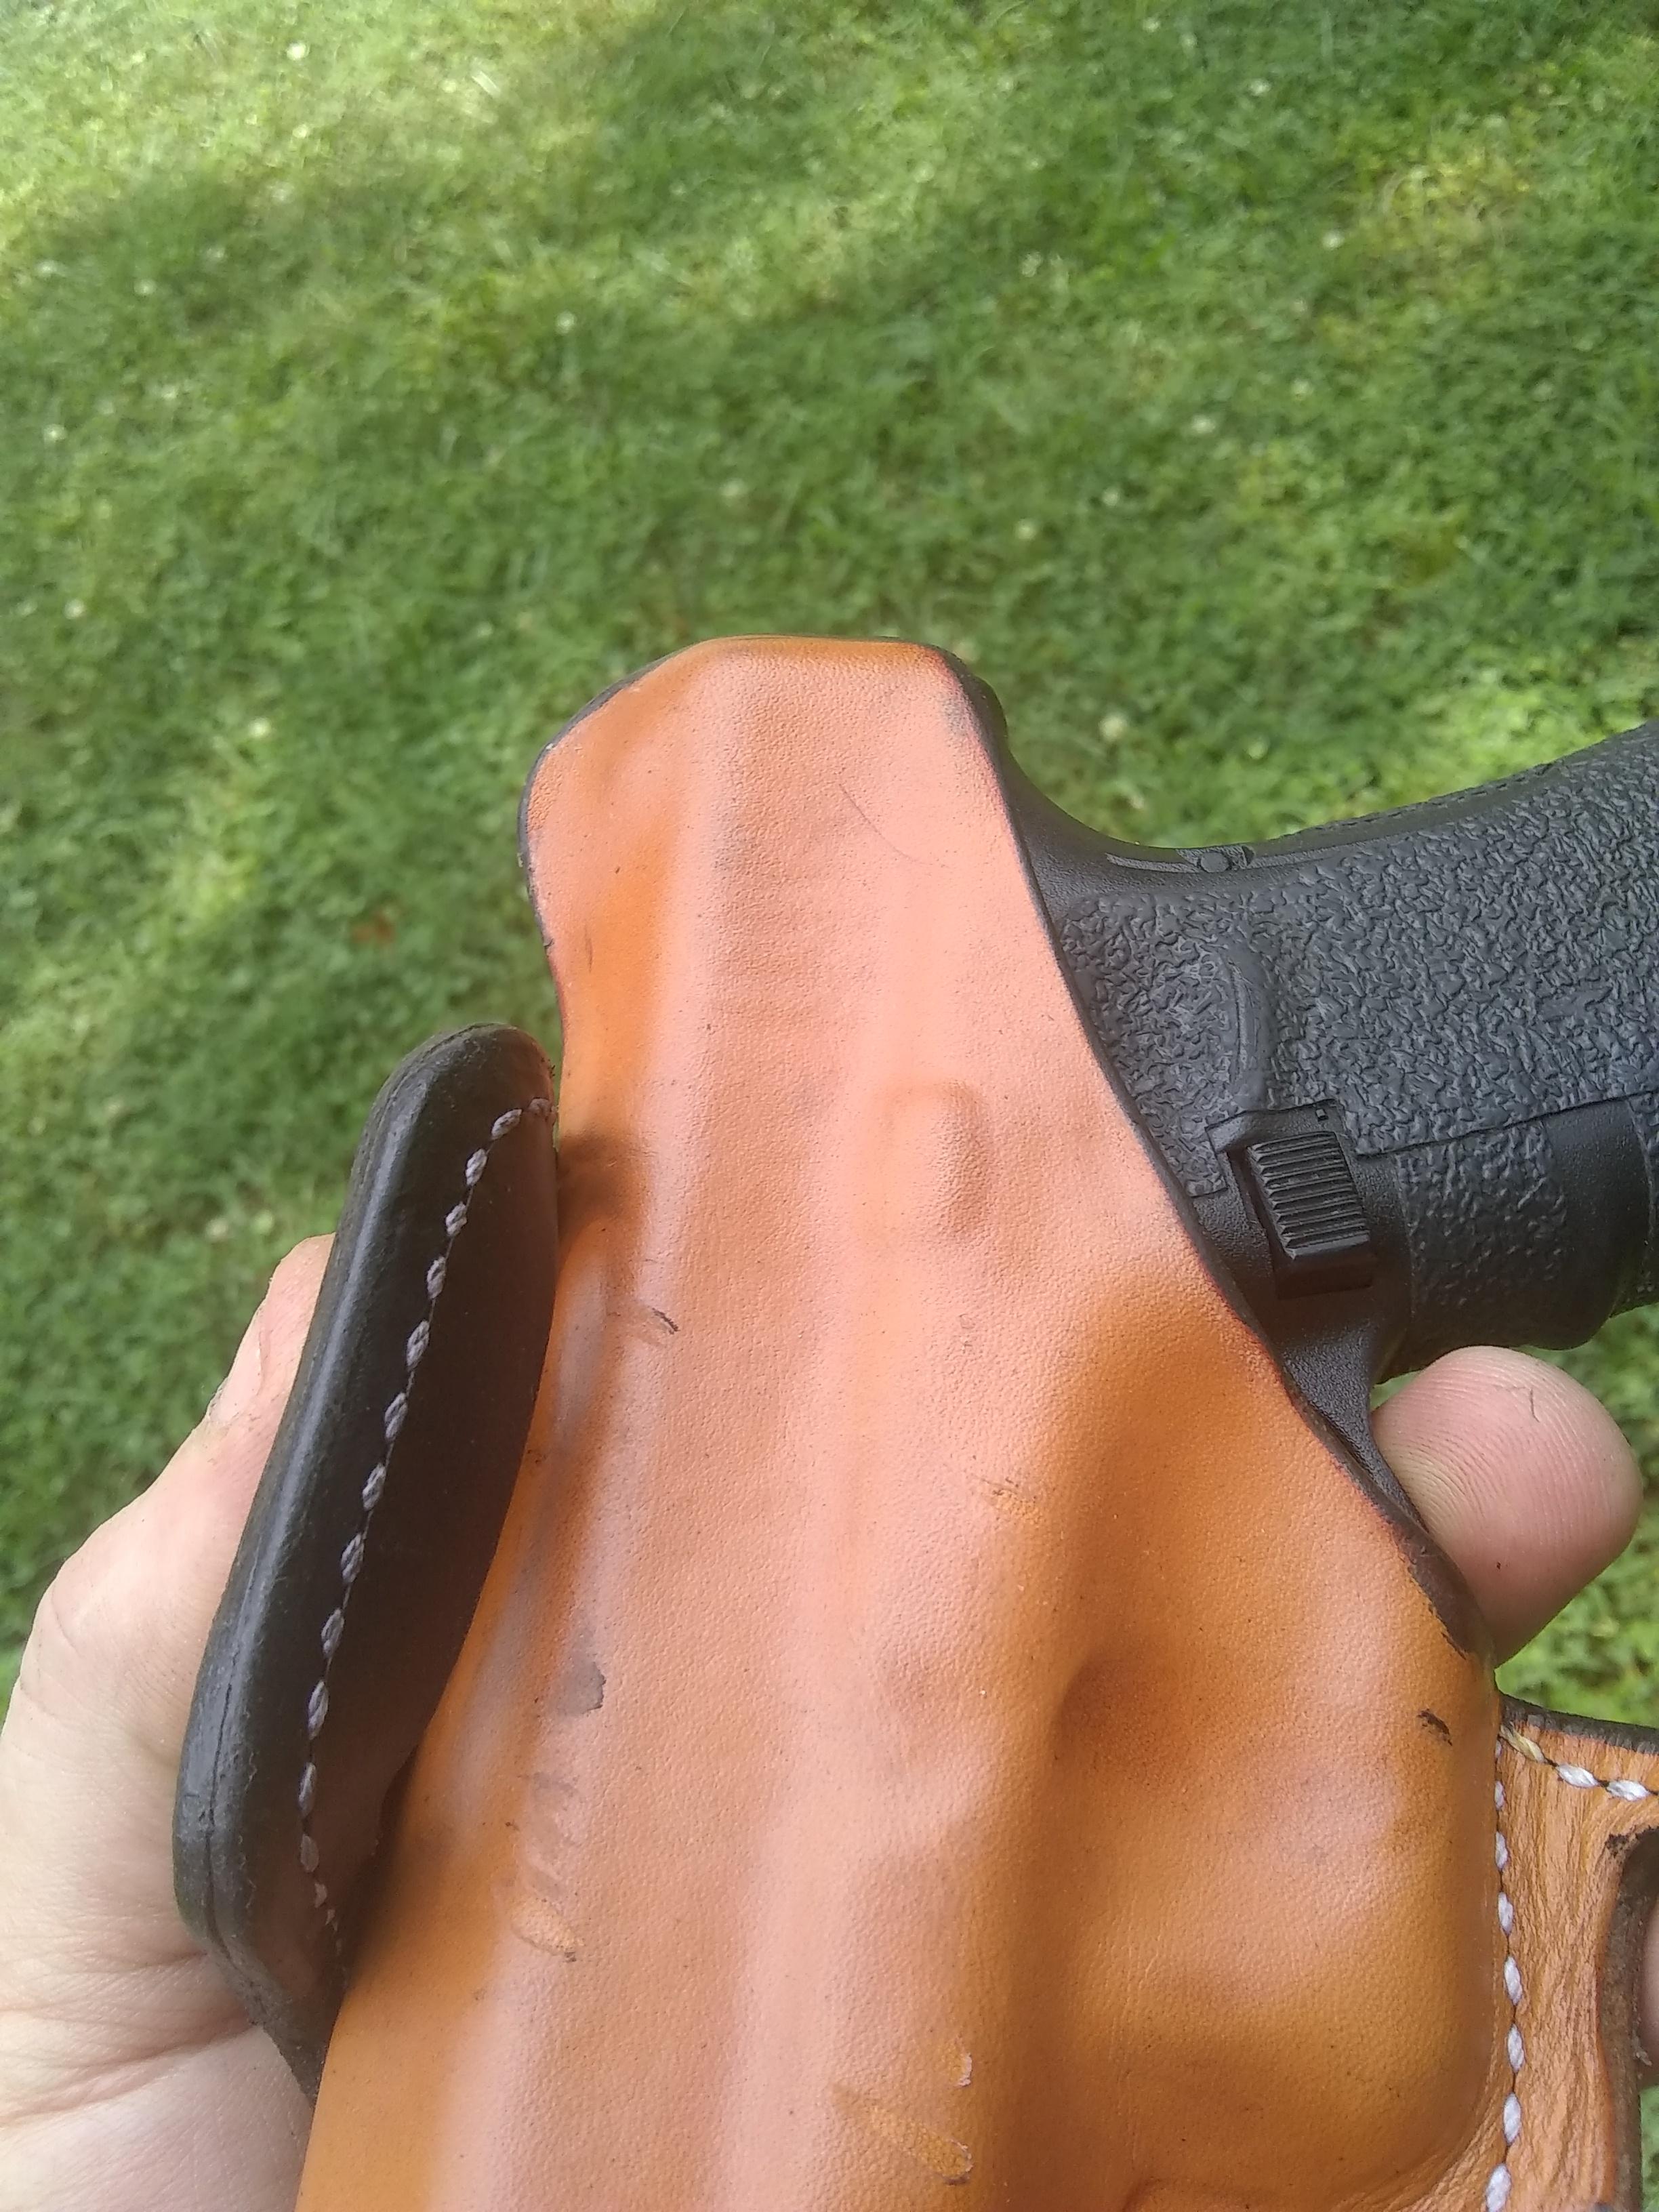 New holster model added-img_20190710_133555428.jpg